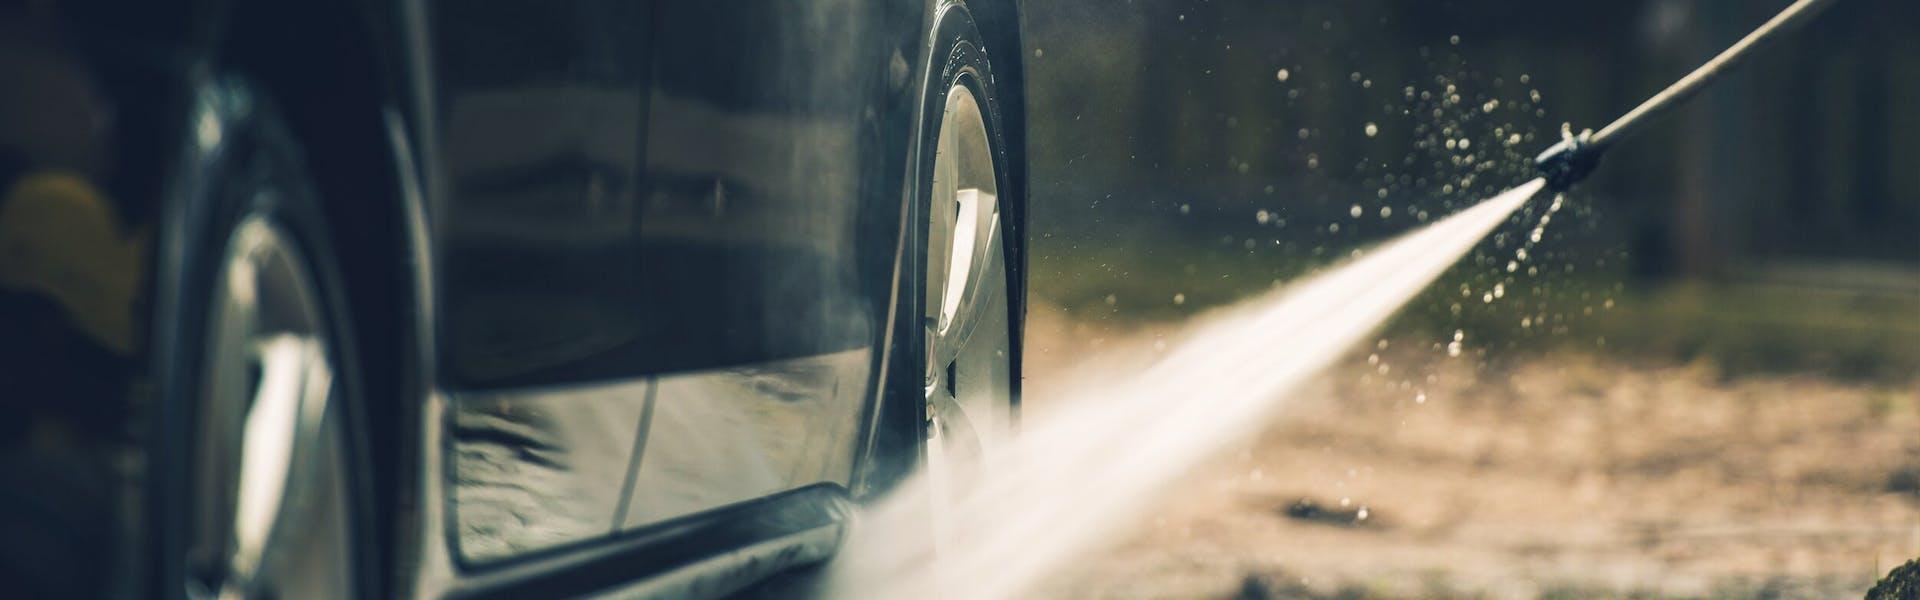 Smidigt online bokningssystem för biltvättar och bilrekond